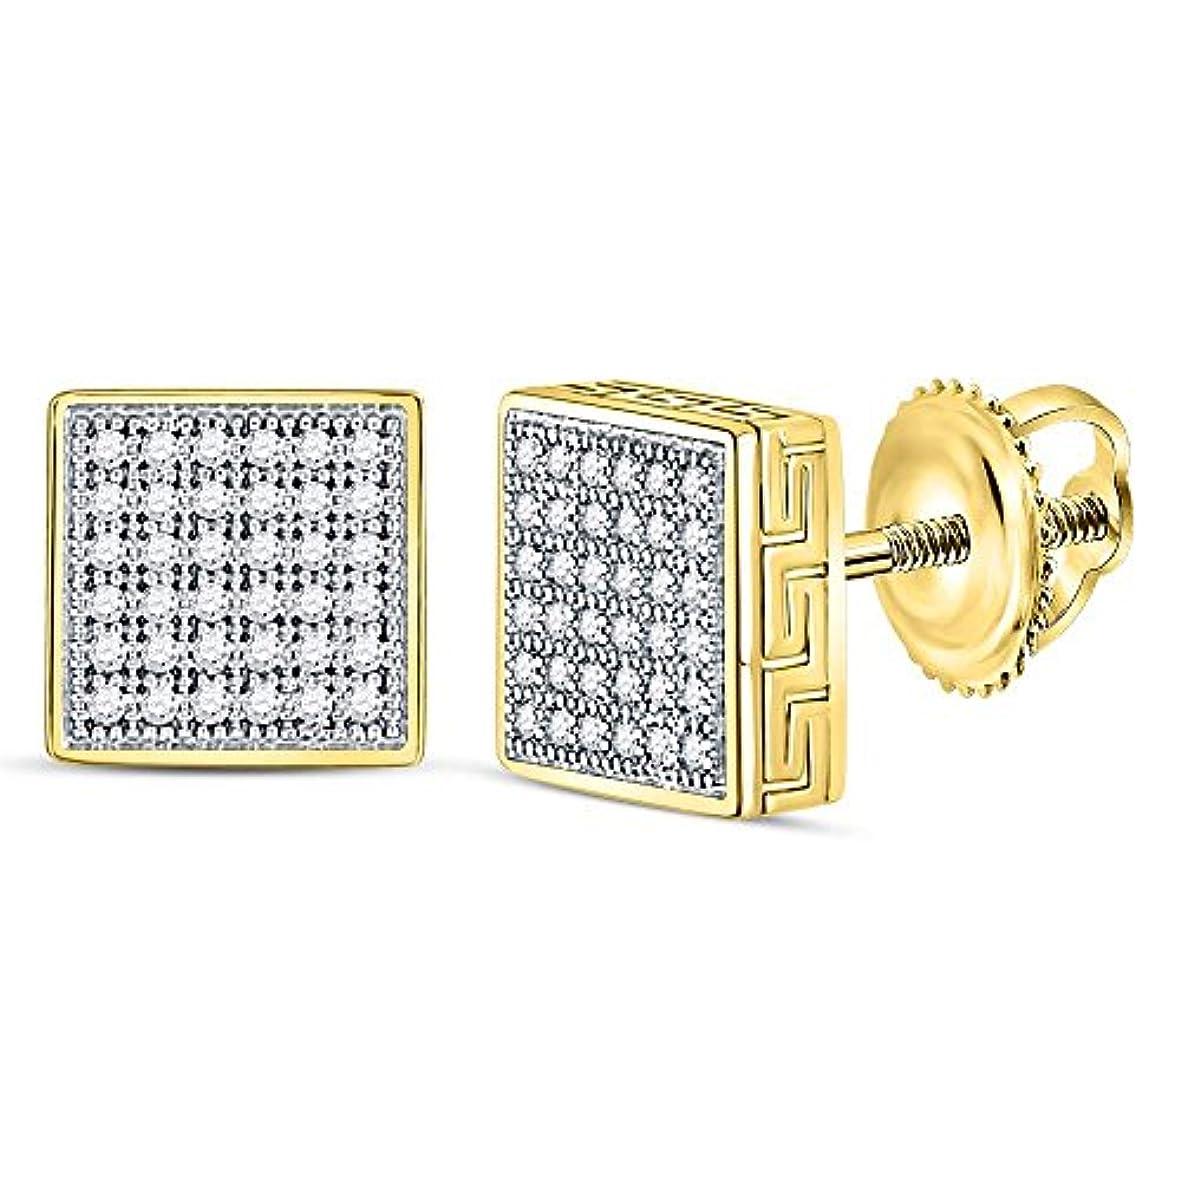 揃えるキッチンペパーミントRoy Rose Jewelry 10K イエローゴールド メンズ ラウンドダイヤモンド スクエア クラスタッド ピアス - カラット tw